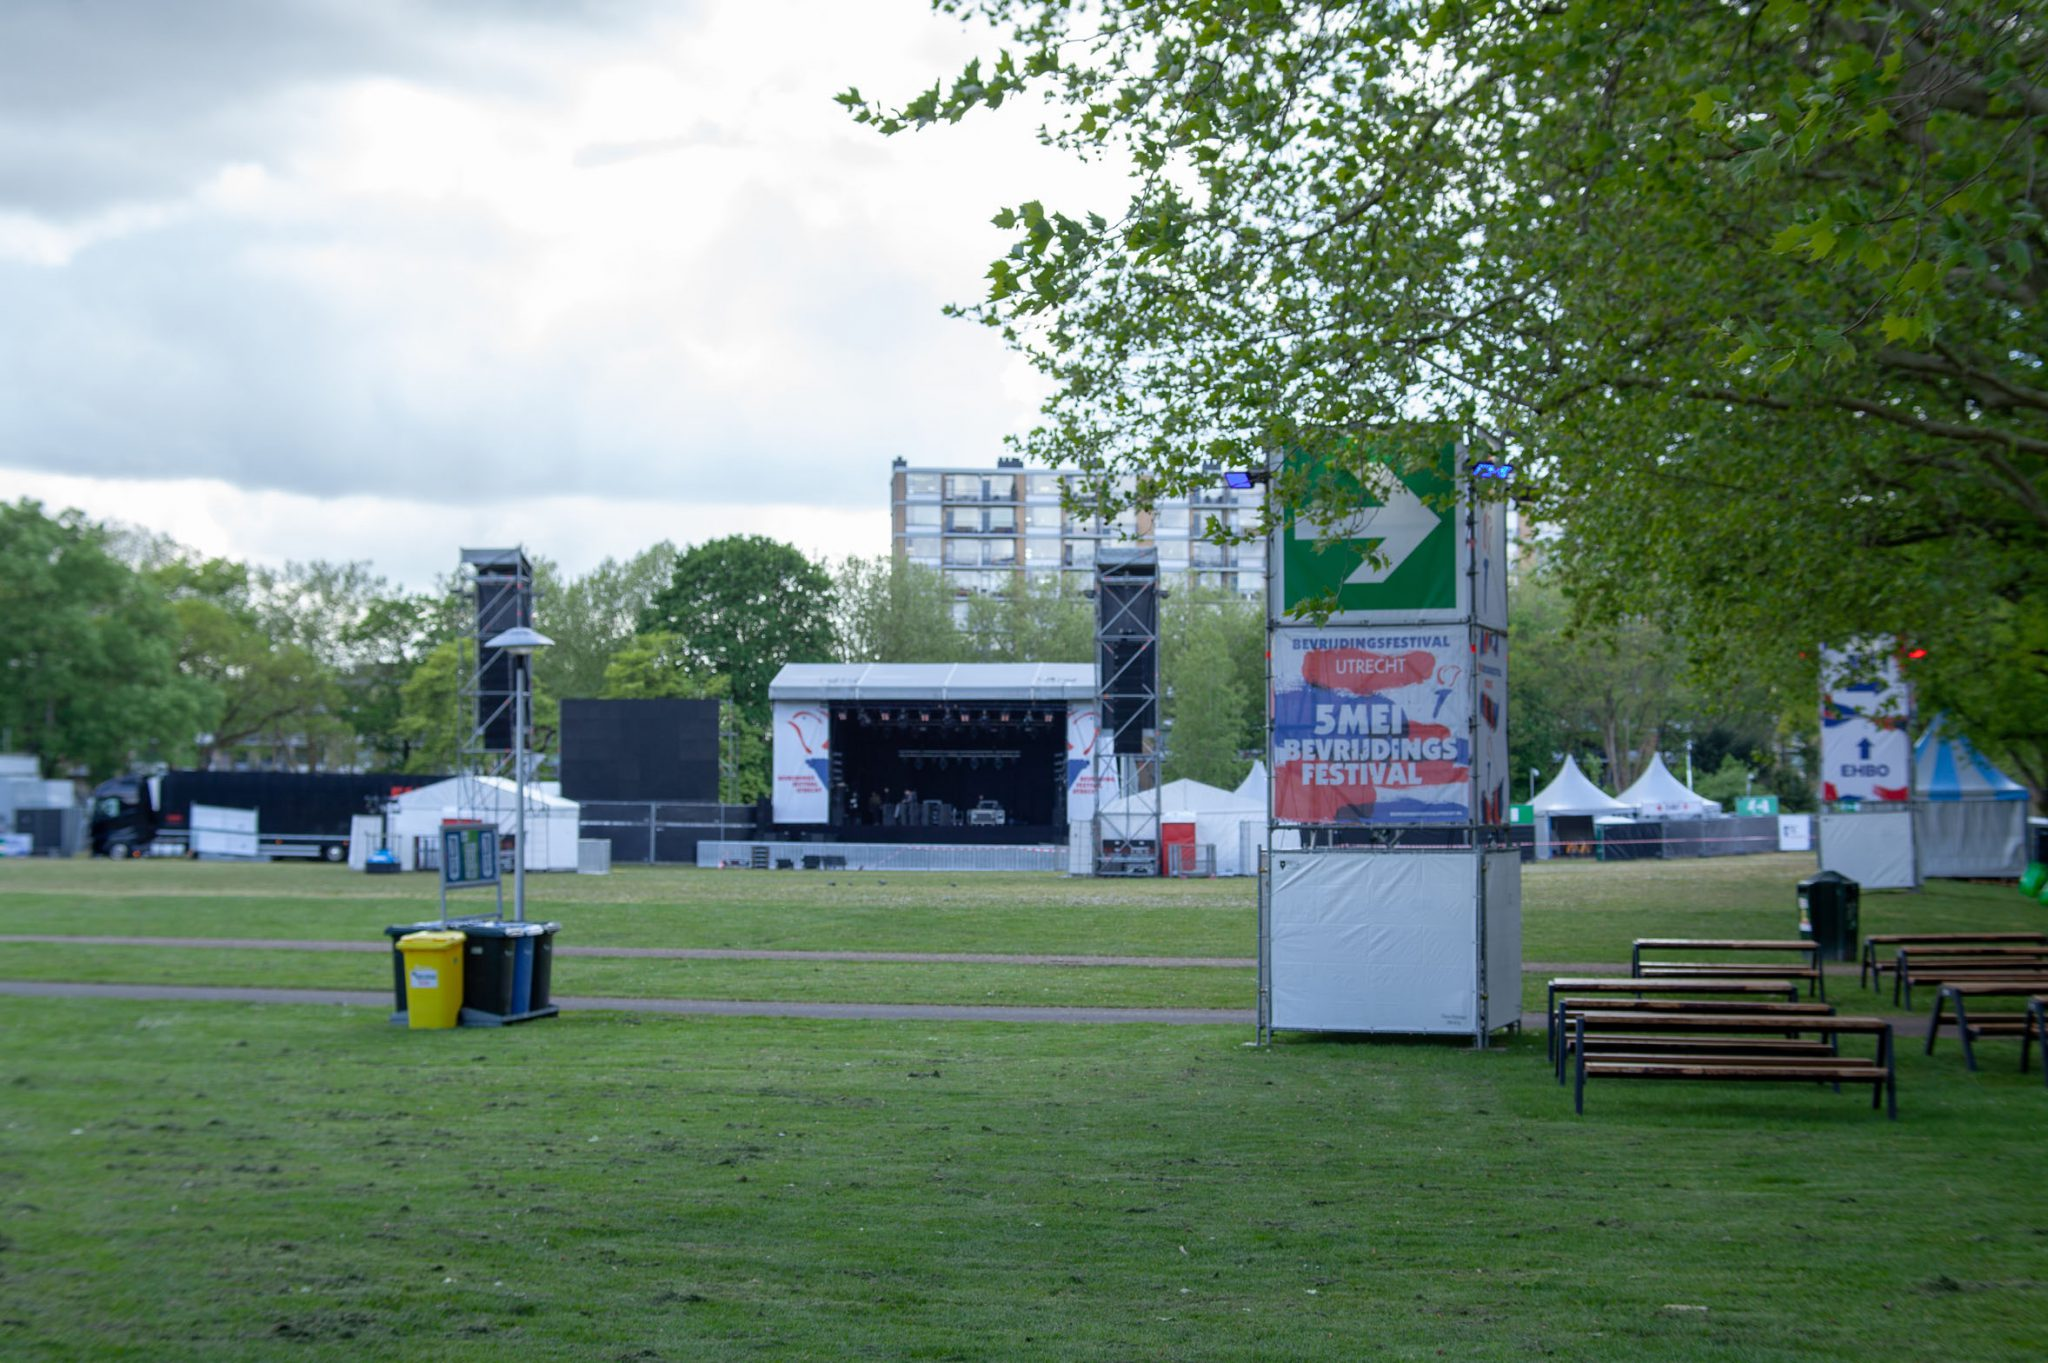 Bevrijdingsfestival Utrecht